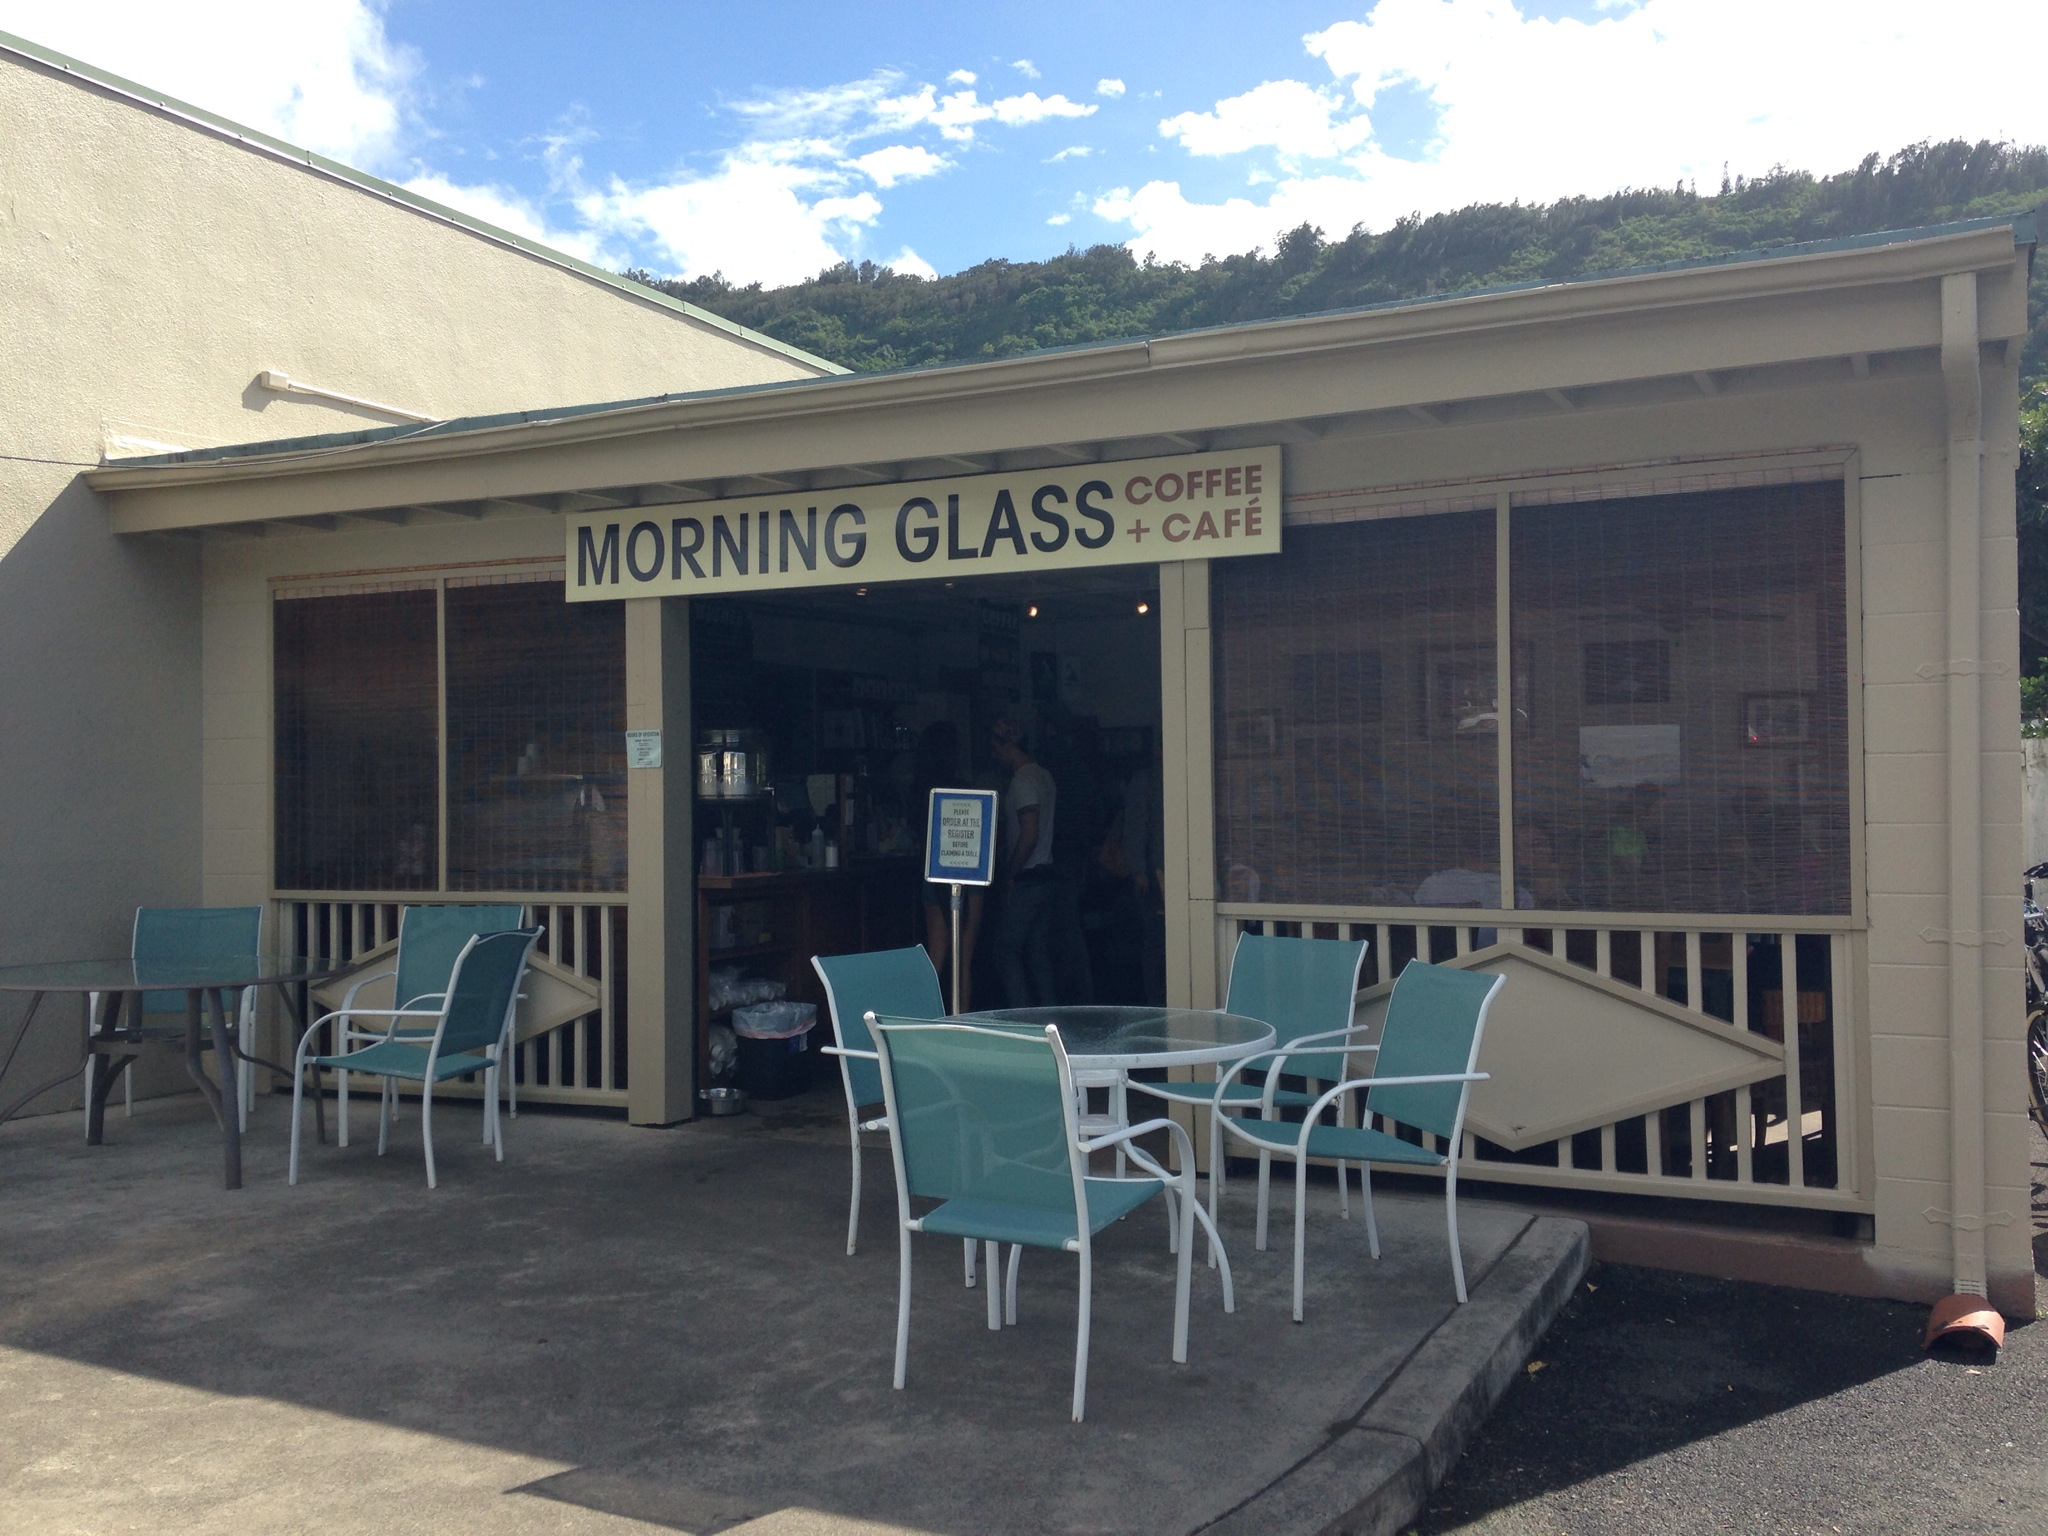 Morning Glass Coffee+Cafe | ハワイのマノアにあるカフェは、山に囲まれたおしゃれすぎるスポットでした・・・!